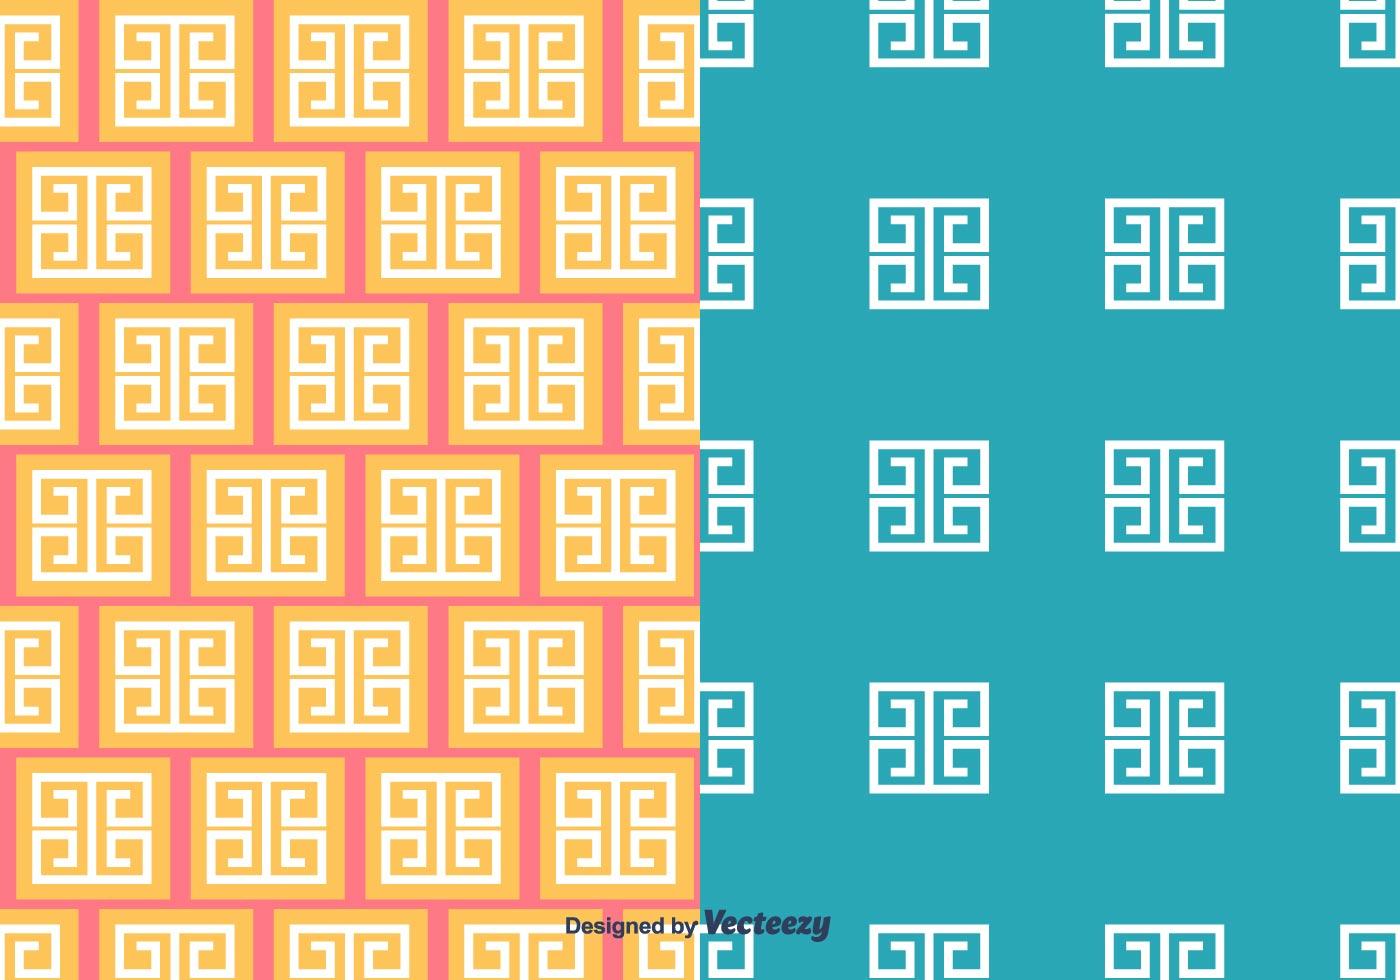 Black Keys Wallpaper Greek Key Pattern Download Free Vector Art Stock